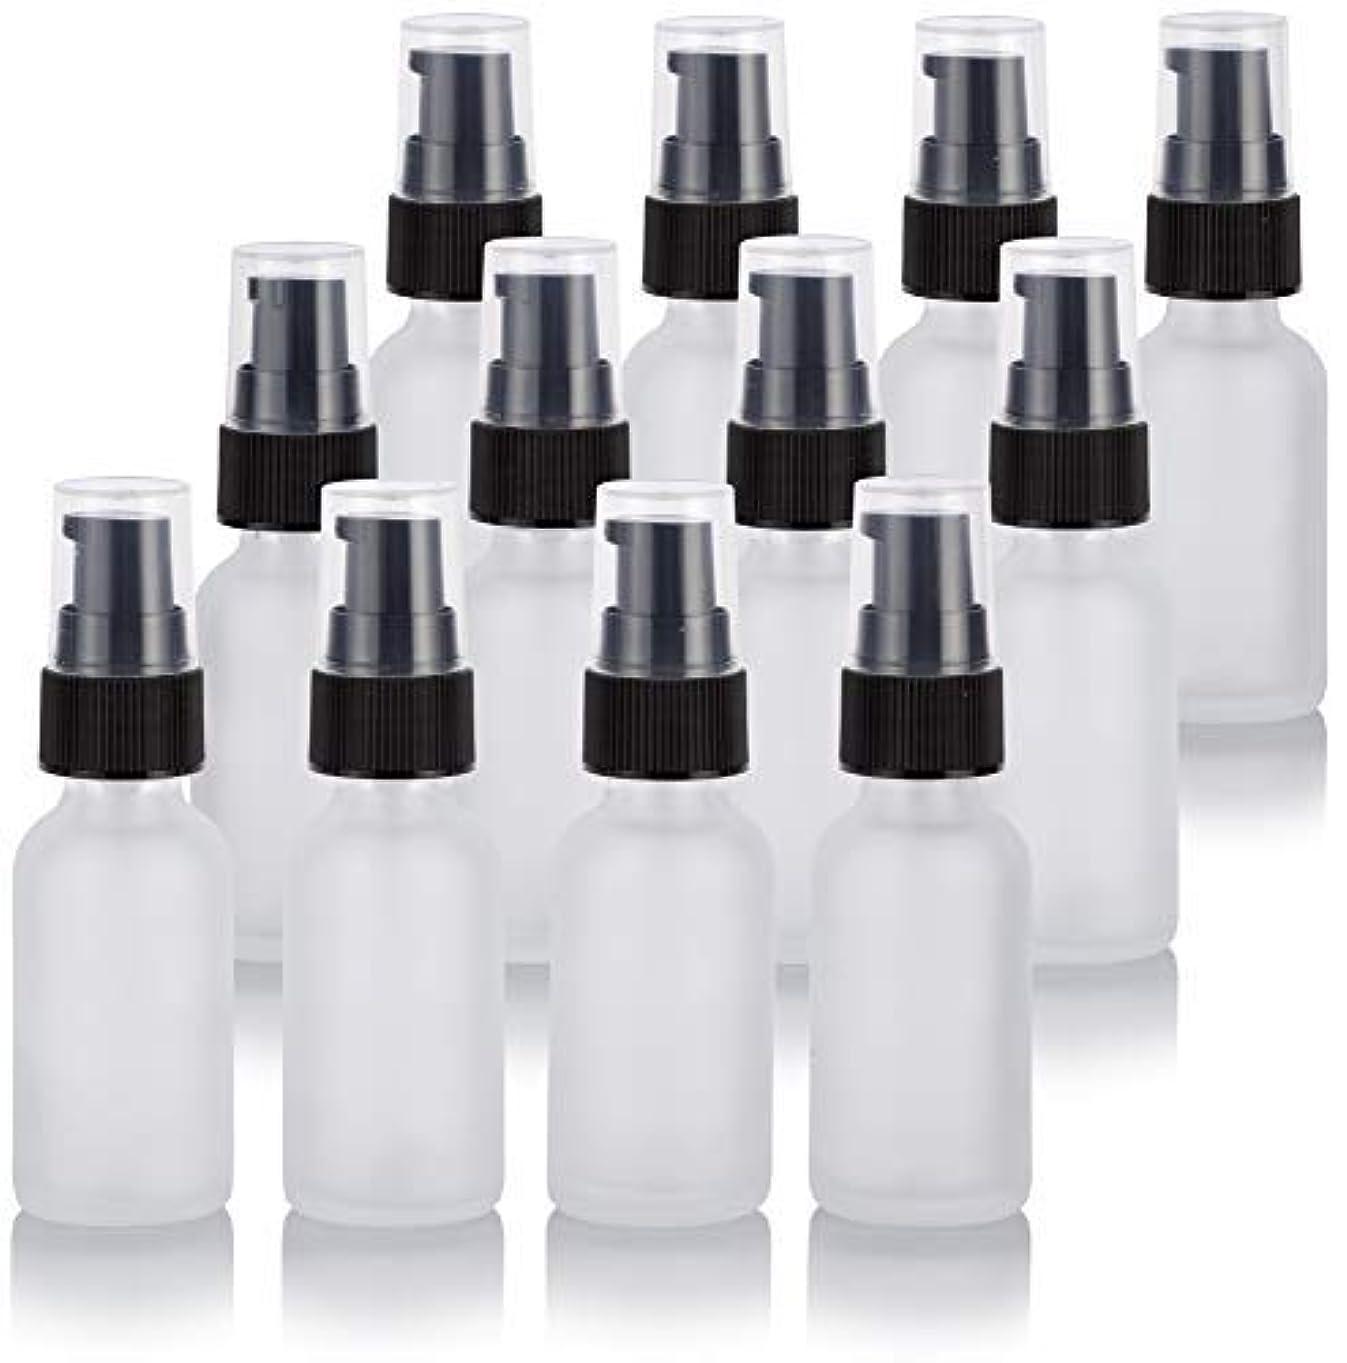 合計宇宙船アンペア1 oz Frosted Clear Glass Boston Round Treatment Pump Bottle (12 Pack) + Funnel for Cosmetics, serums, Essential...